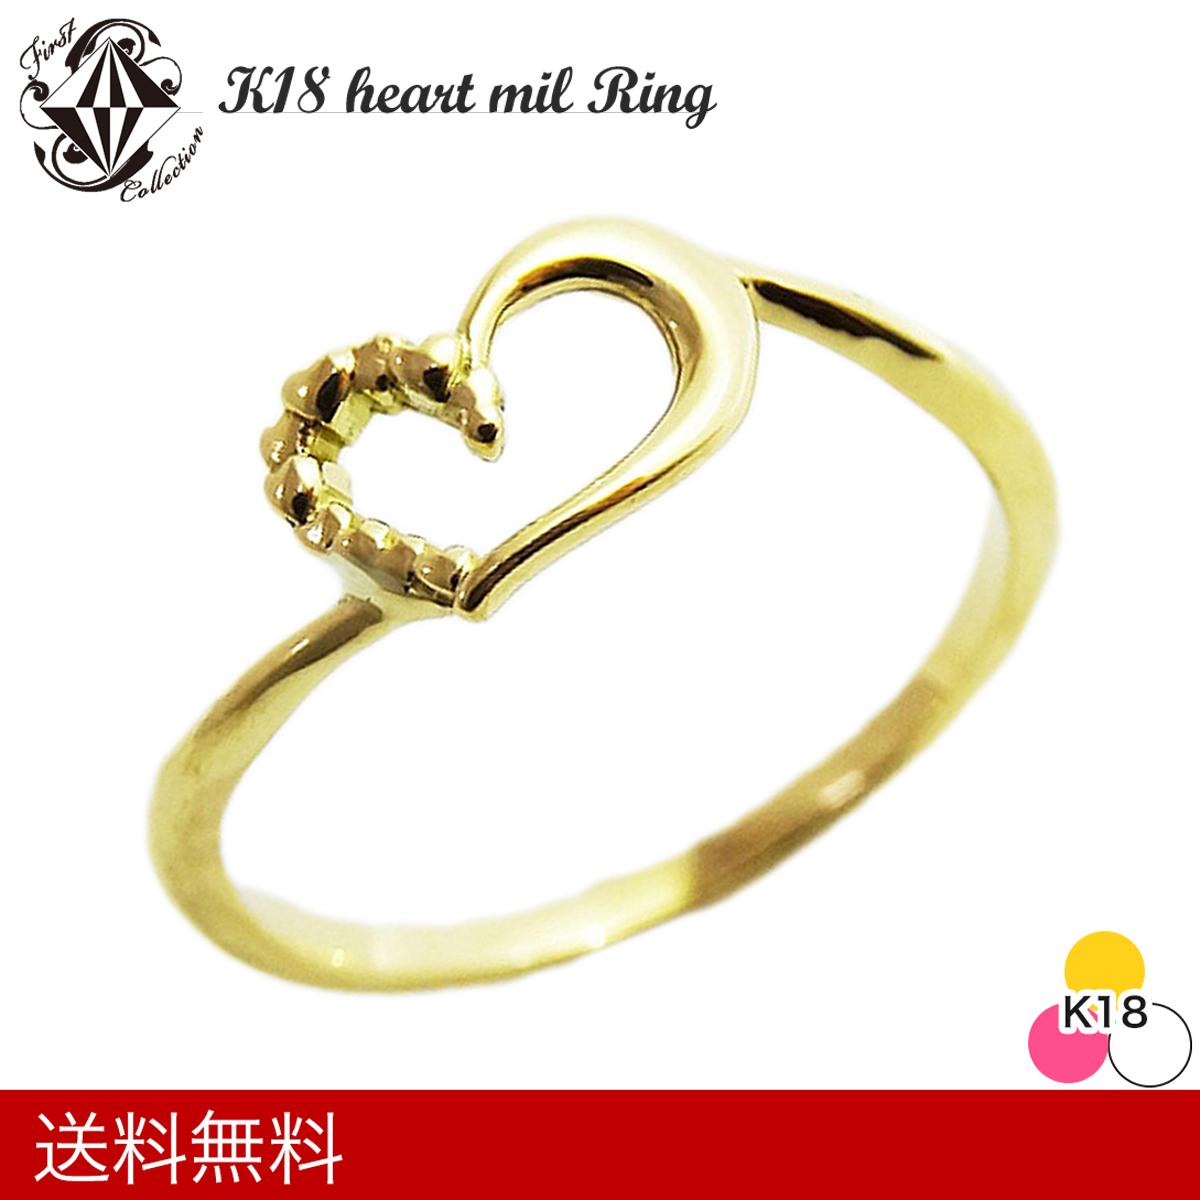 18金 K18 リング 指輪 ピンキー リング ファランジリング ミディリング ハート ミル デザイン オリジナル 【楽ギフ_メッセ入力】